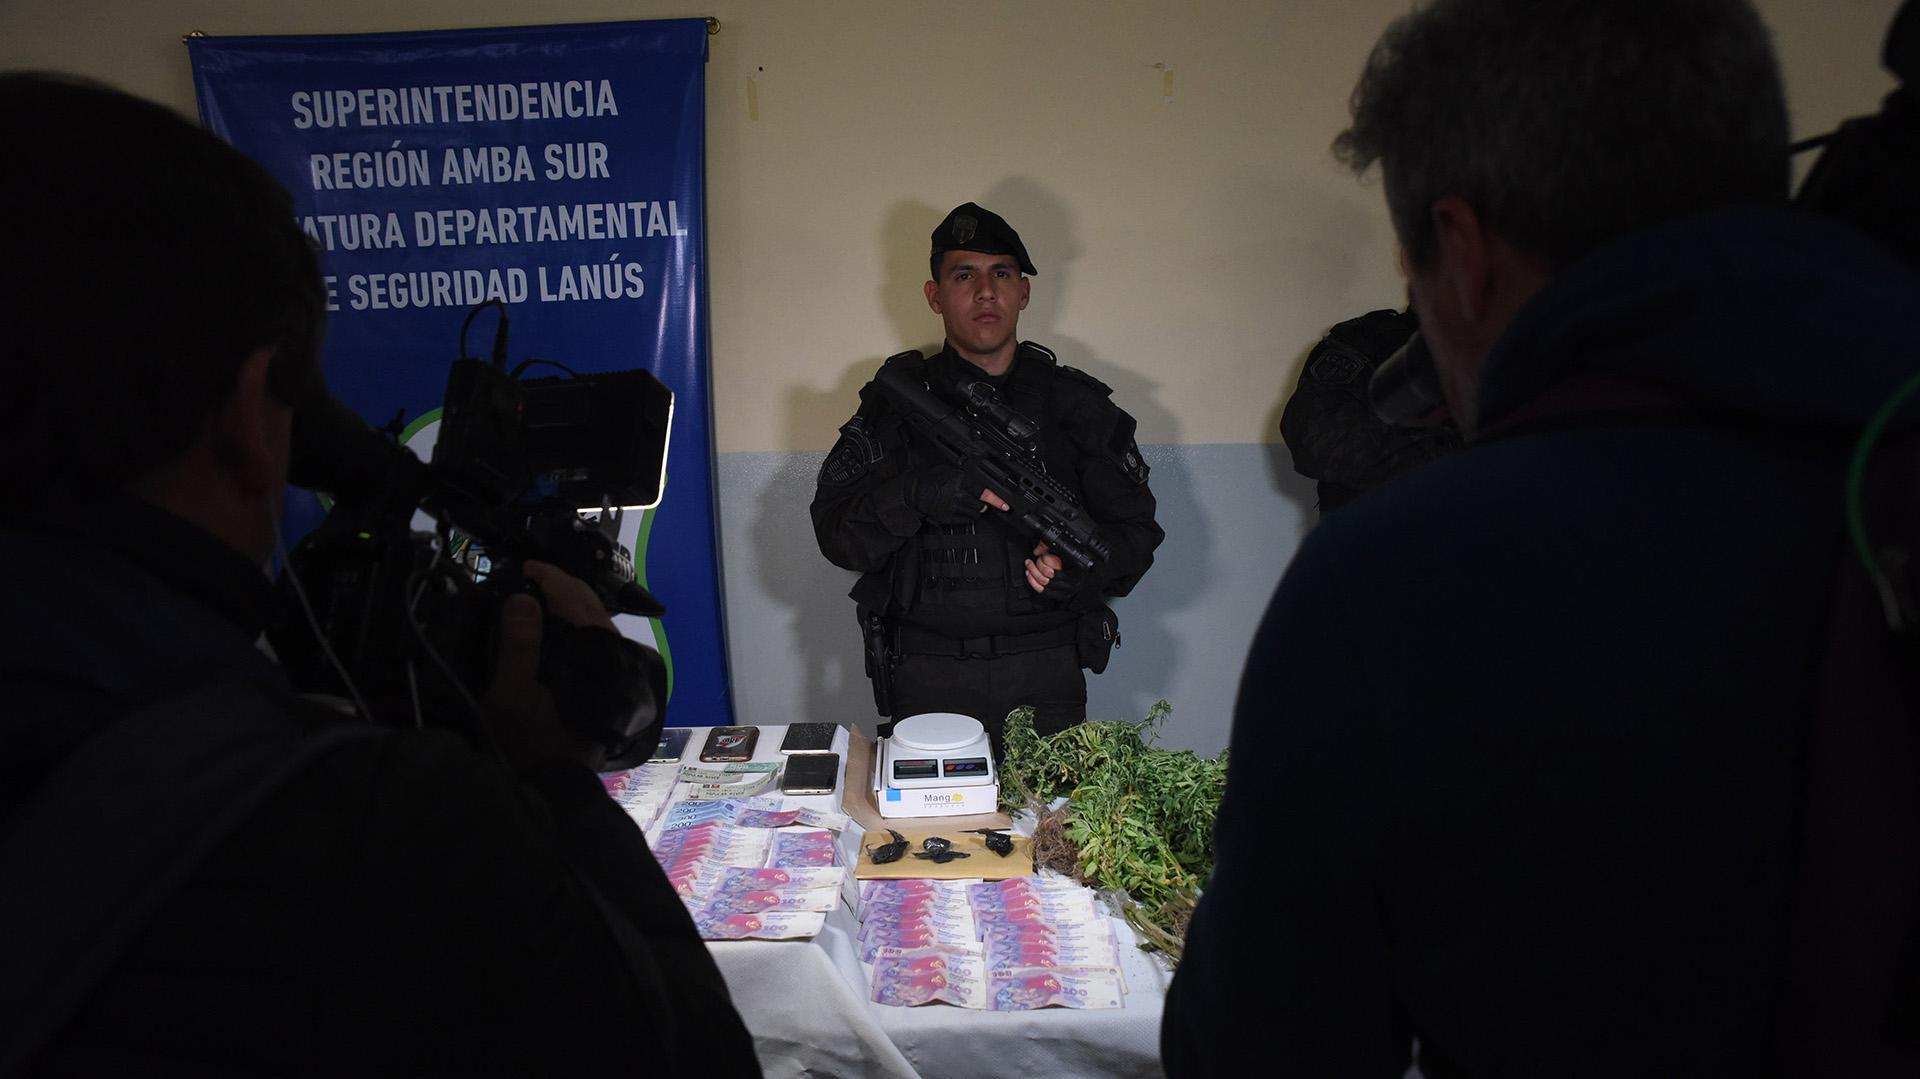 Entre los detenidos está el jefe de Los Borrachos, Sergio Alejandro Medina, alias Ale de Budge, a quien le habrían secuestrado armas en su casa y también su hijo Brian